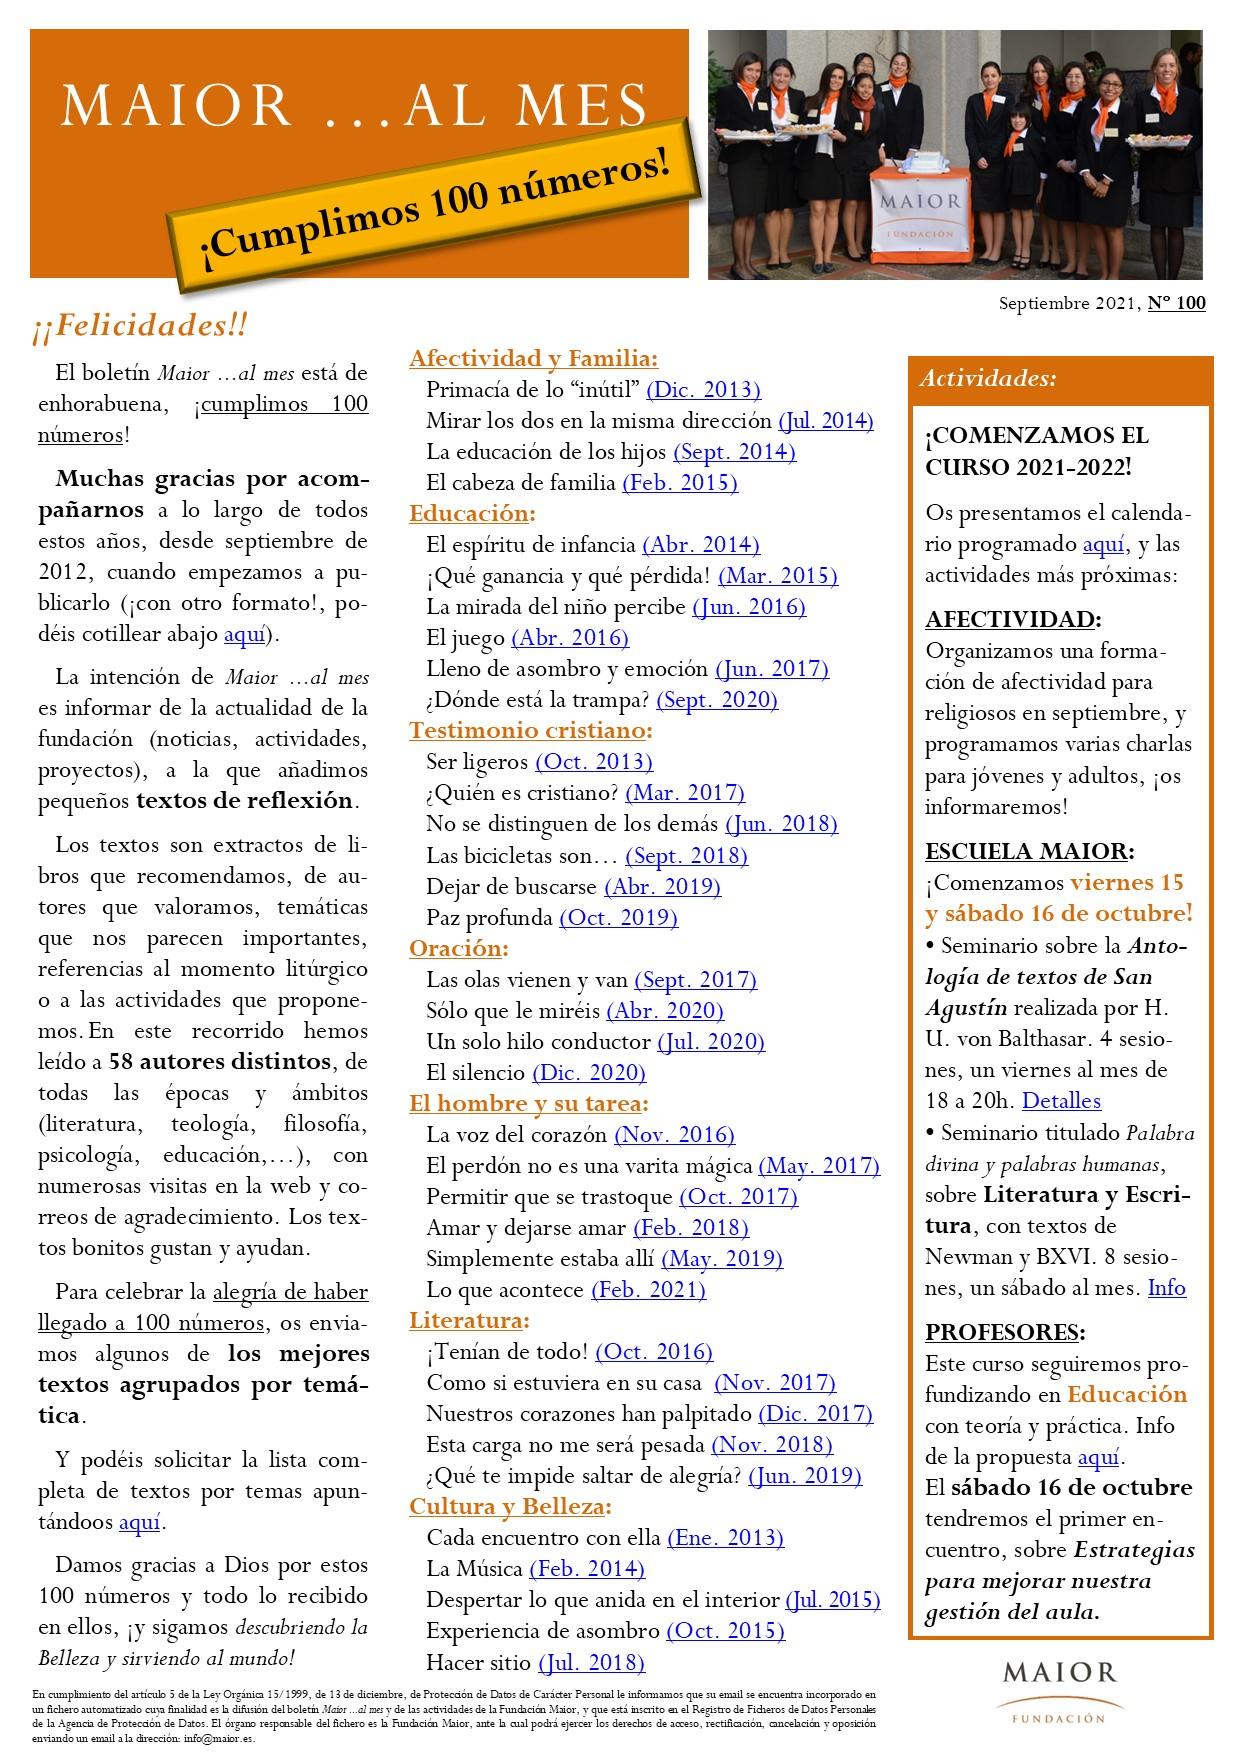 Boletín mensual de noticias y actividades de la Fundación Maior. Edición de septiembre 2021